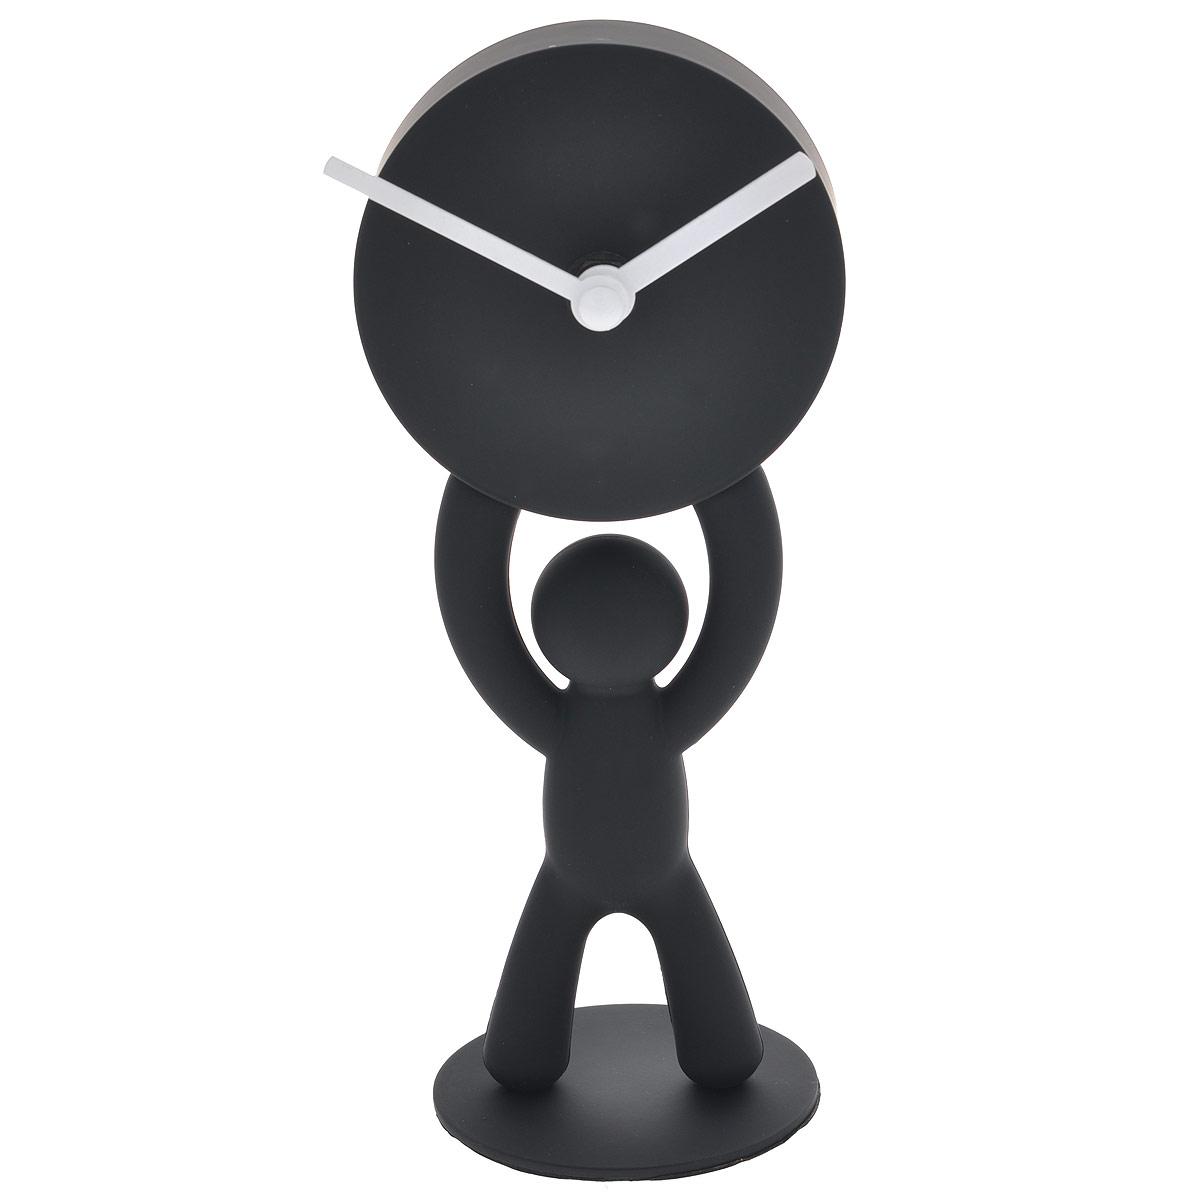 Часы настольныеBuddy, цвет: черный118510-040Настольные часы, выполненные из пластика в виде человечка, держащего в руках циферблат, прекрасно украсят интерьер вашего помещения. Циферблат часов имеет две стрелки: часовую и минутную. Оформите свой дом таким интерьерным аксессуаром или преподнесите его в качестве презента друзьям, и они оценят ваш оригинальный вкус и неординарность подарка. Характеристики:Материал: пластик, металл. Общий размер часов: 7,5 см х 21 см х 7,5 см.Диаметр циферблата: 9 см.Размер упаковки: 10,5 см х 9,5 см х 22 см. Цвет: черный. Артикул: 118510-040. Часы работают от 1 батарейки AA (не входит в комплект).